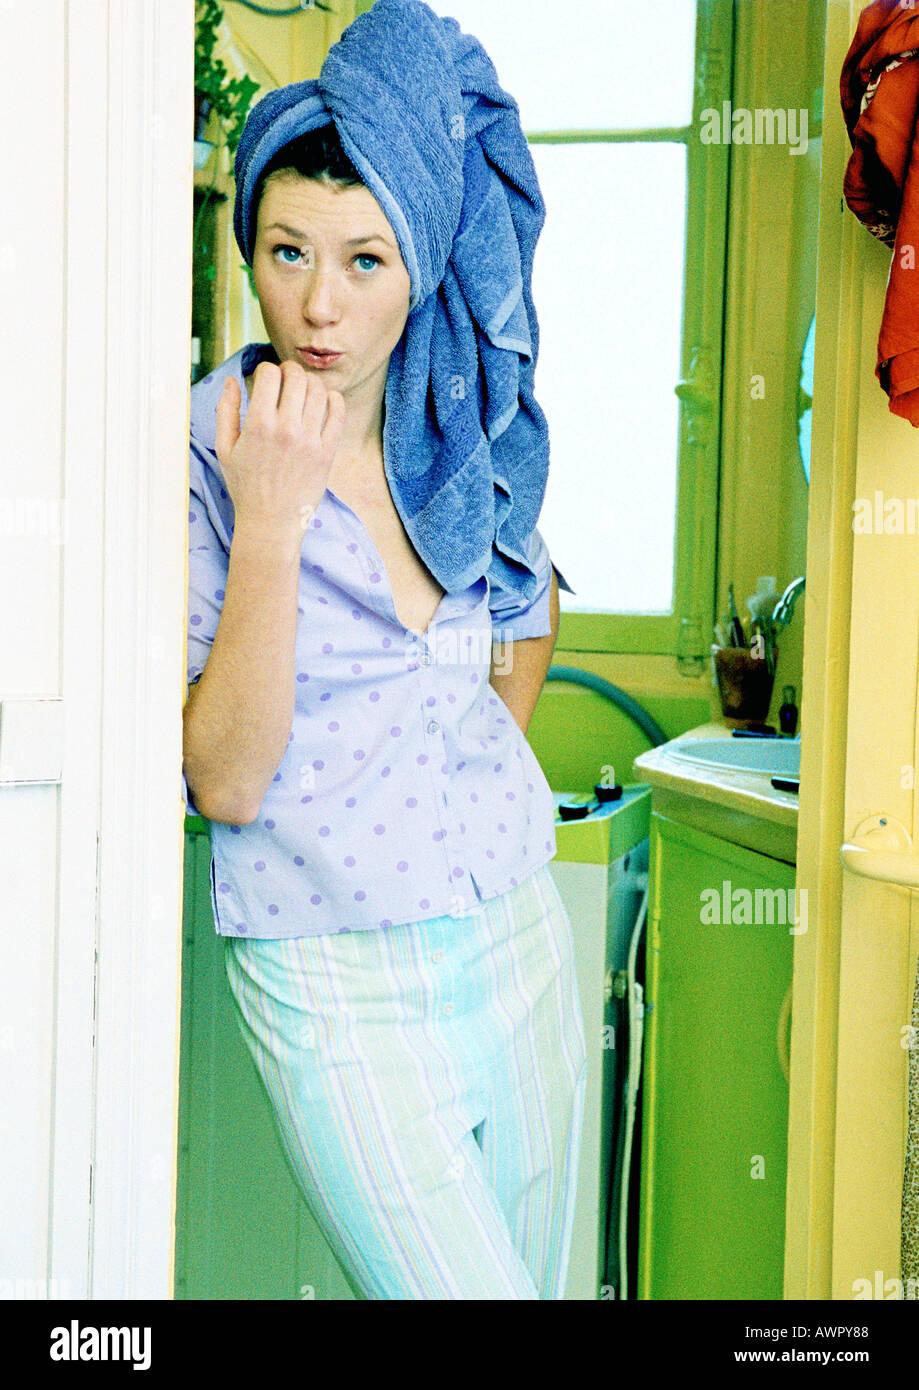 Junge Frau im Bad stehen, weht auf ihre Fingernägel. Stockfoto